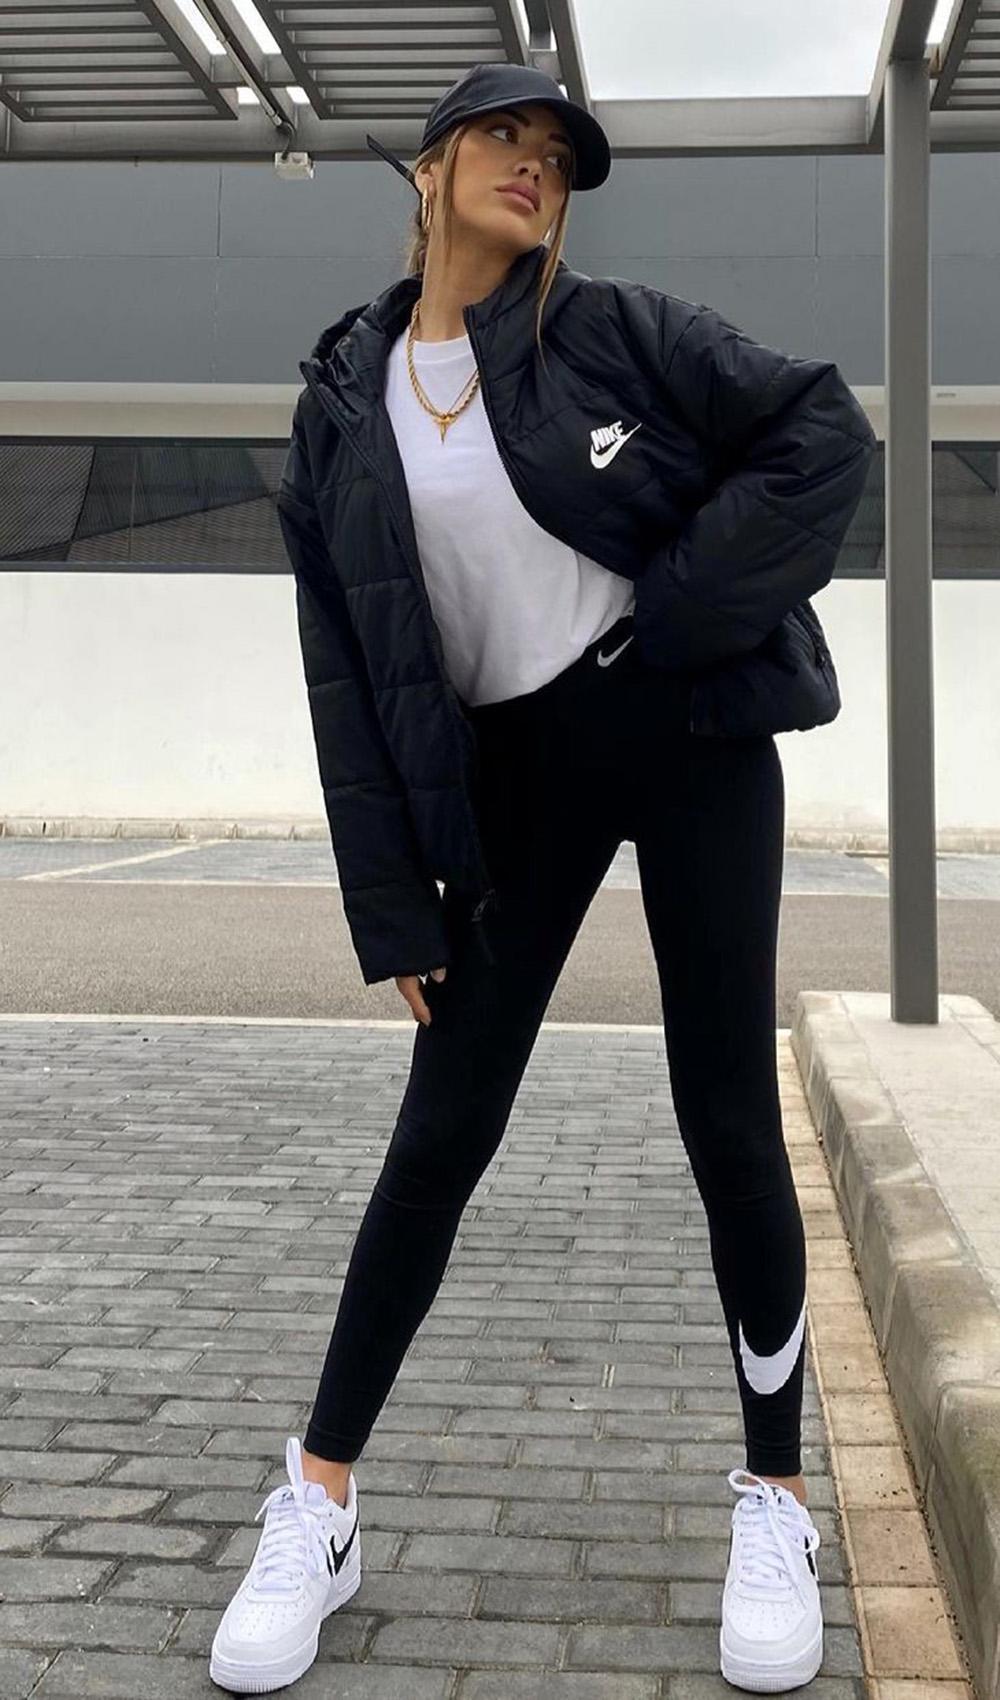 peças coringas, bomber jacket, blusa branca, calça preta e tênis branco